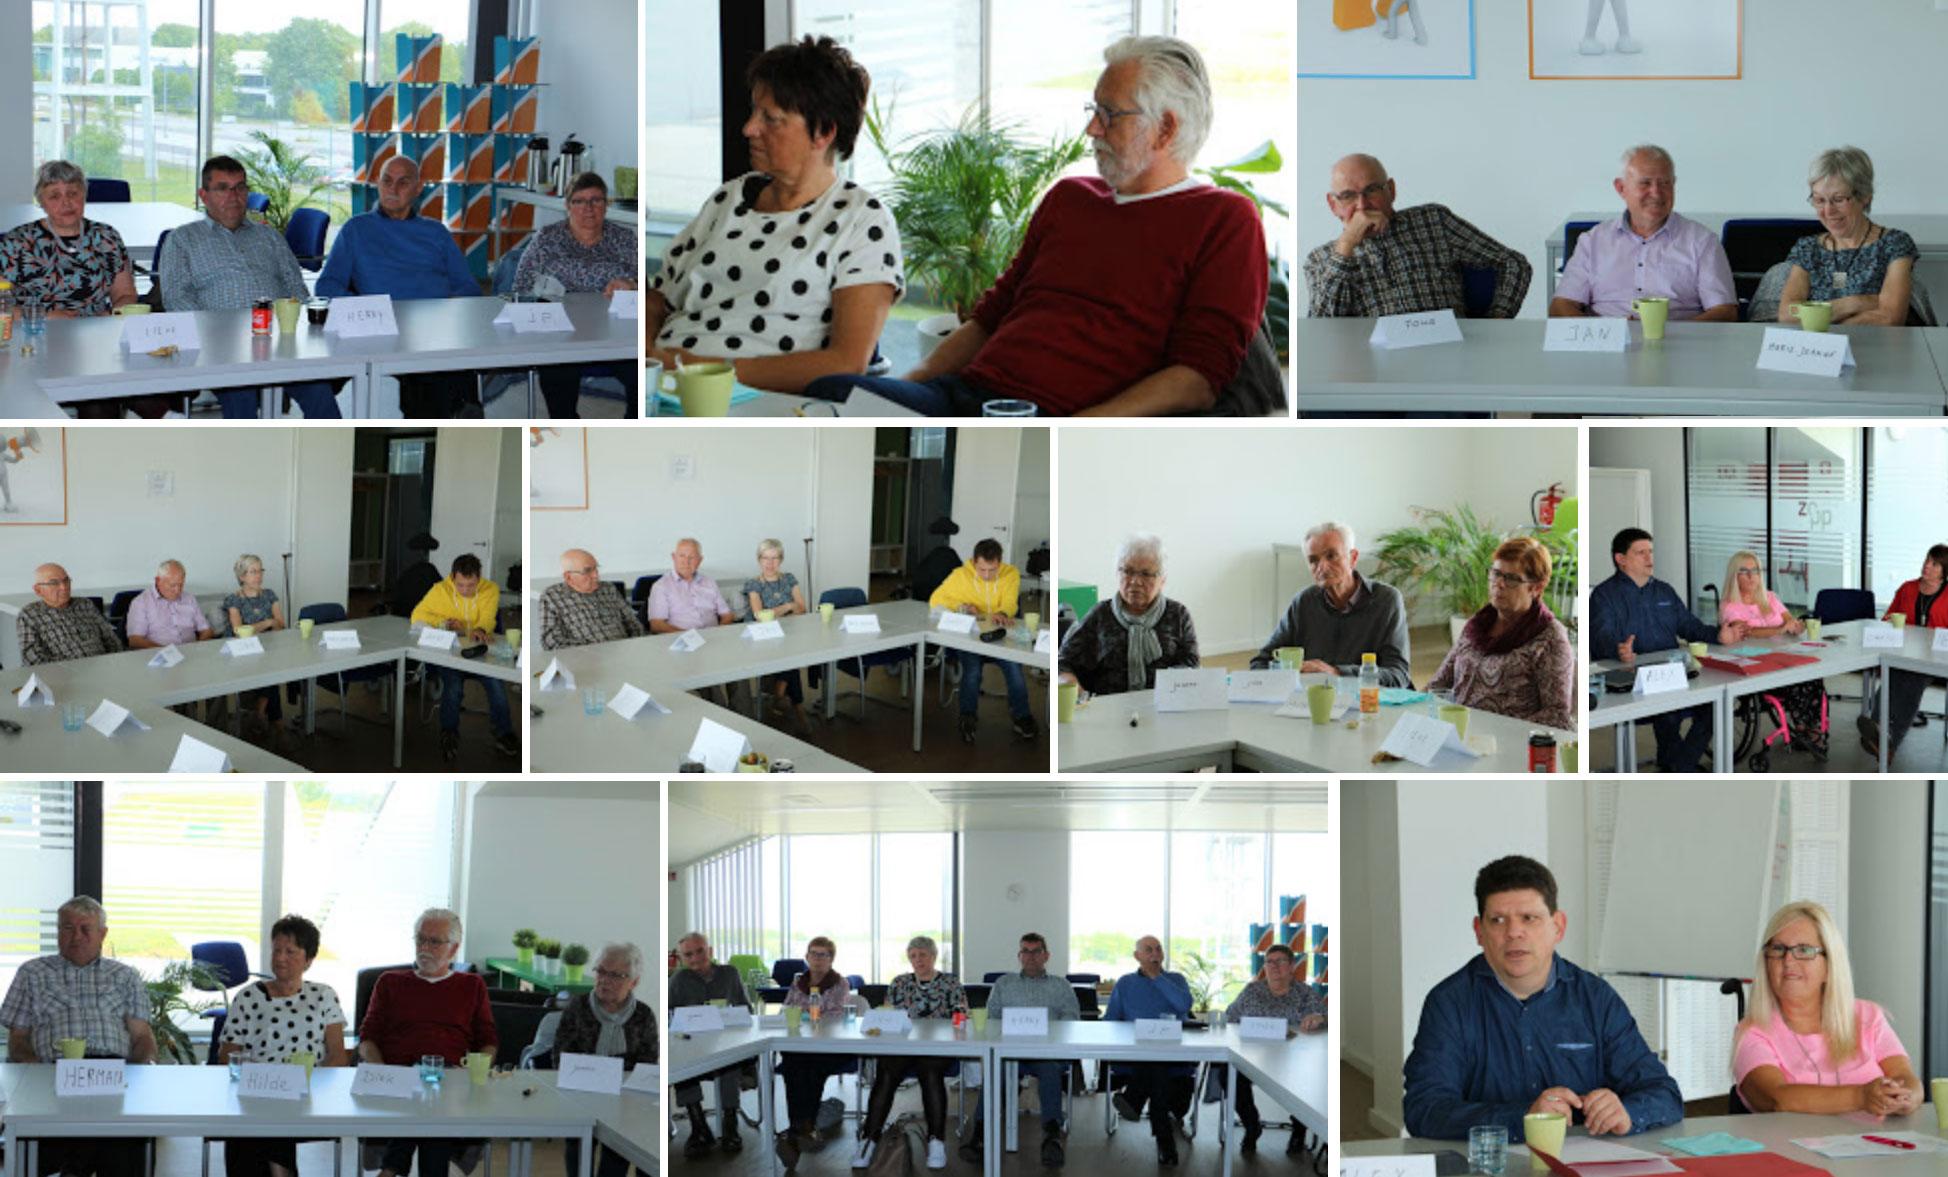 Bijeenkomst-CMT-11-05-2019_Fotocollage Verslag 'Praatcafé CMT' Hasselt